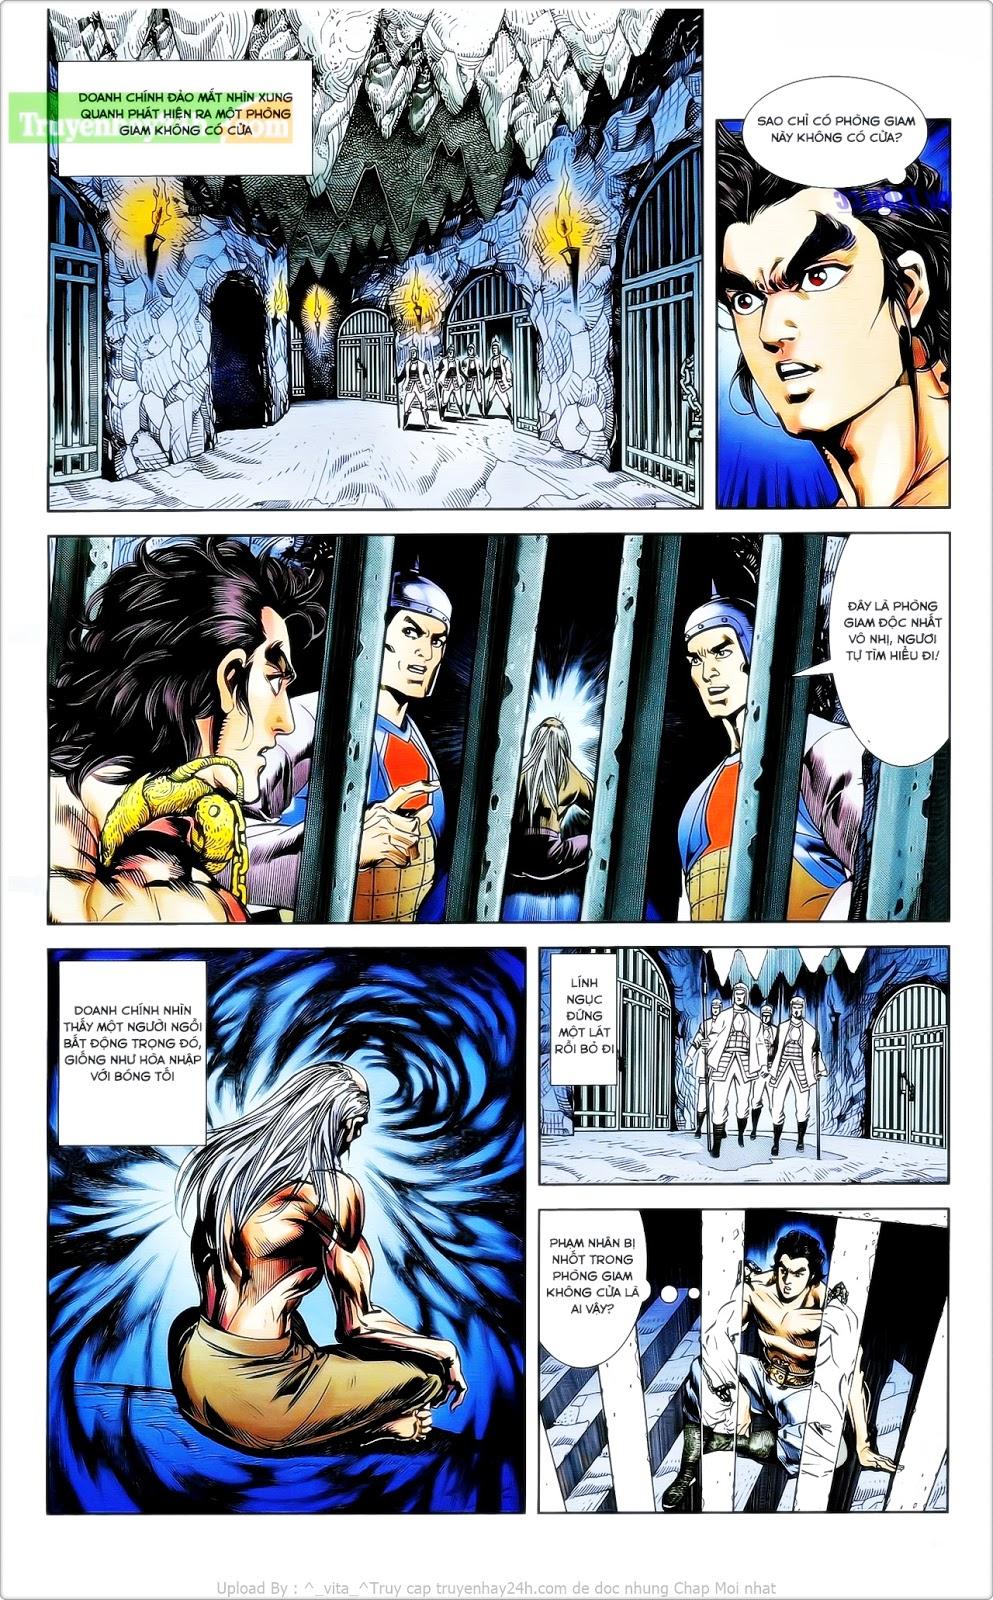 Tần Vương Doanh Chính chapter 24 trang 19